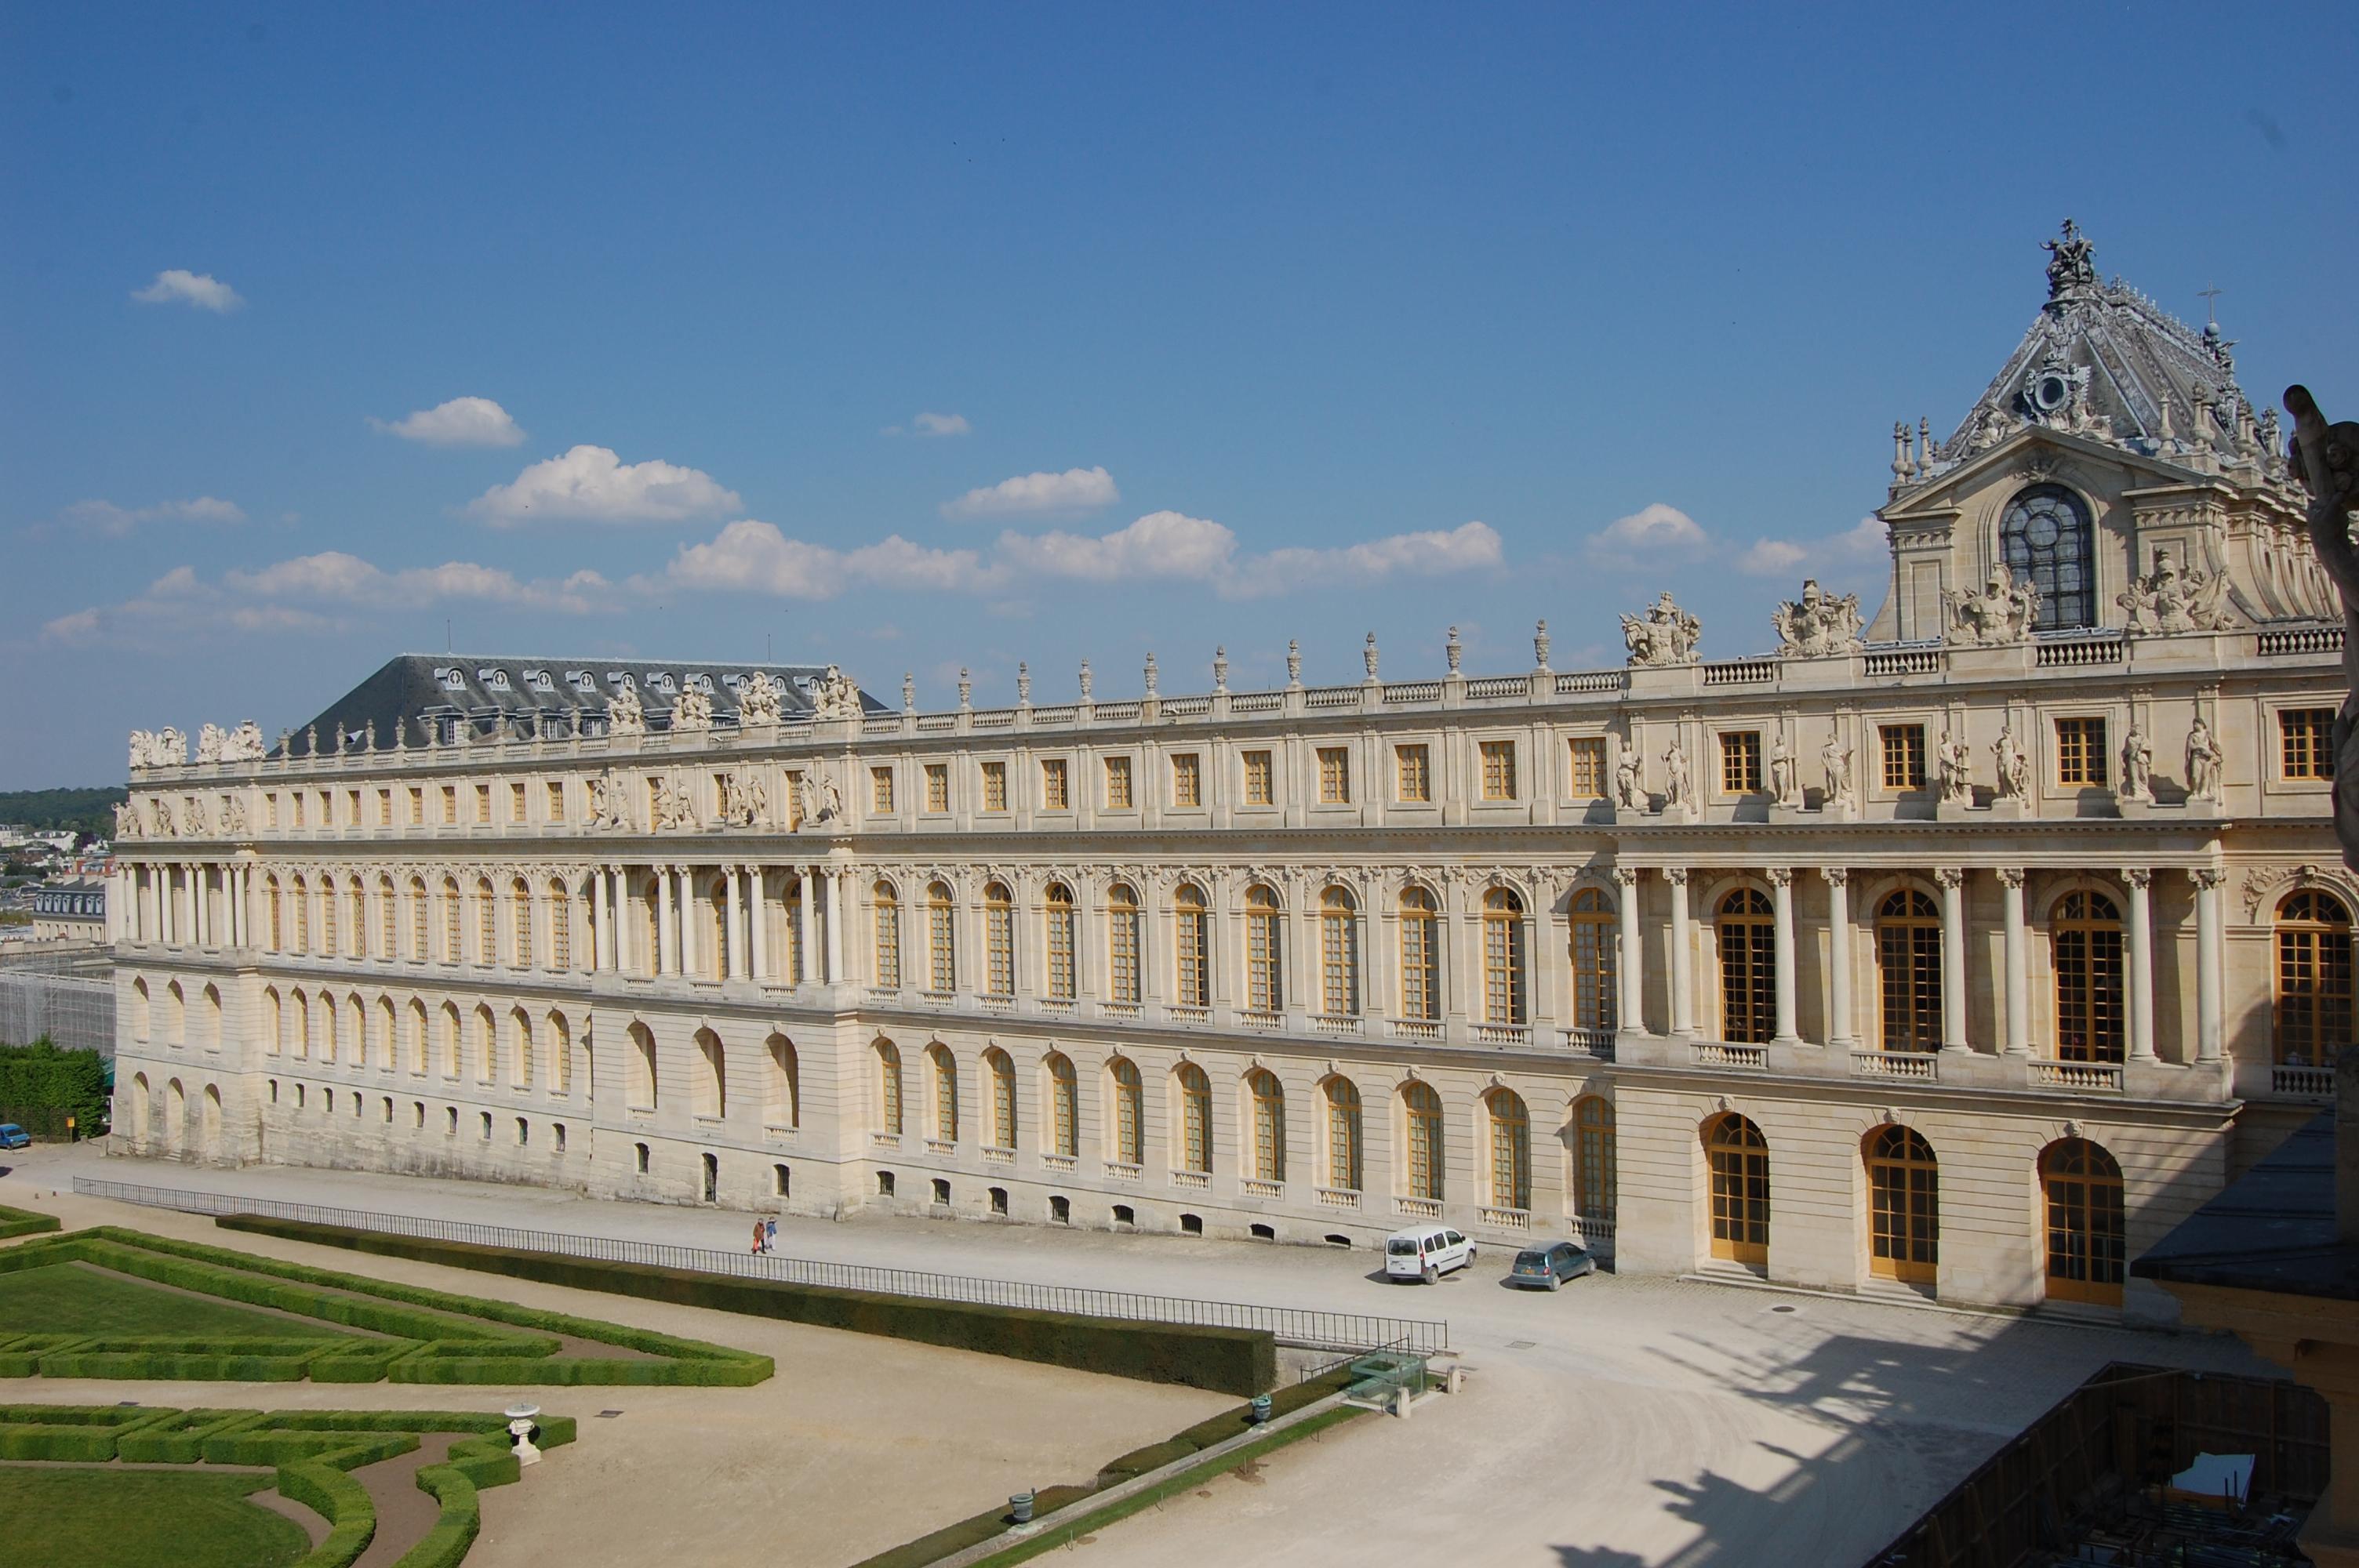 Fichier ch teau de versailles aile du nord vue des appartements de la pompadour dsc - Photo chateau de versailles ...